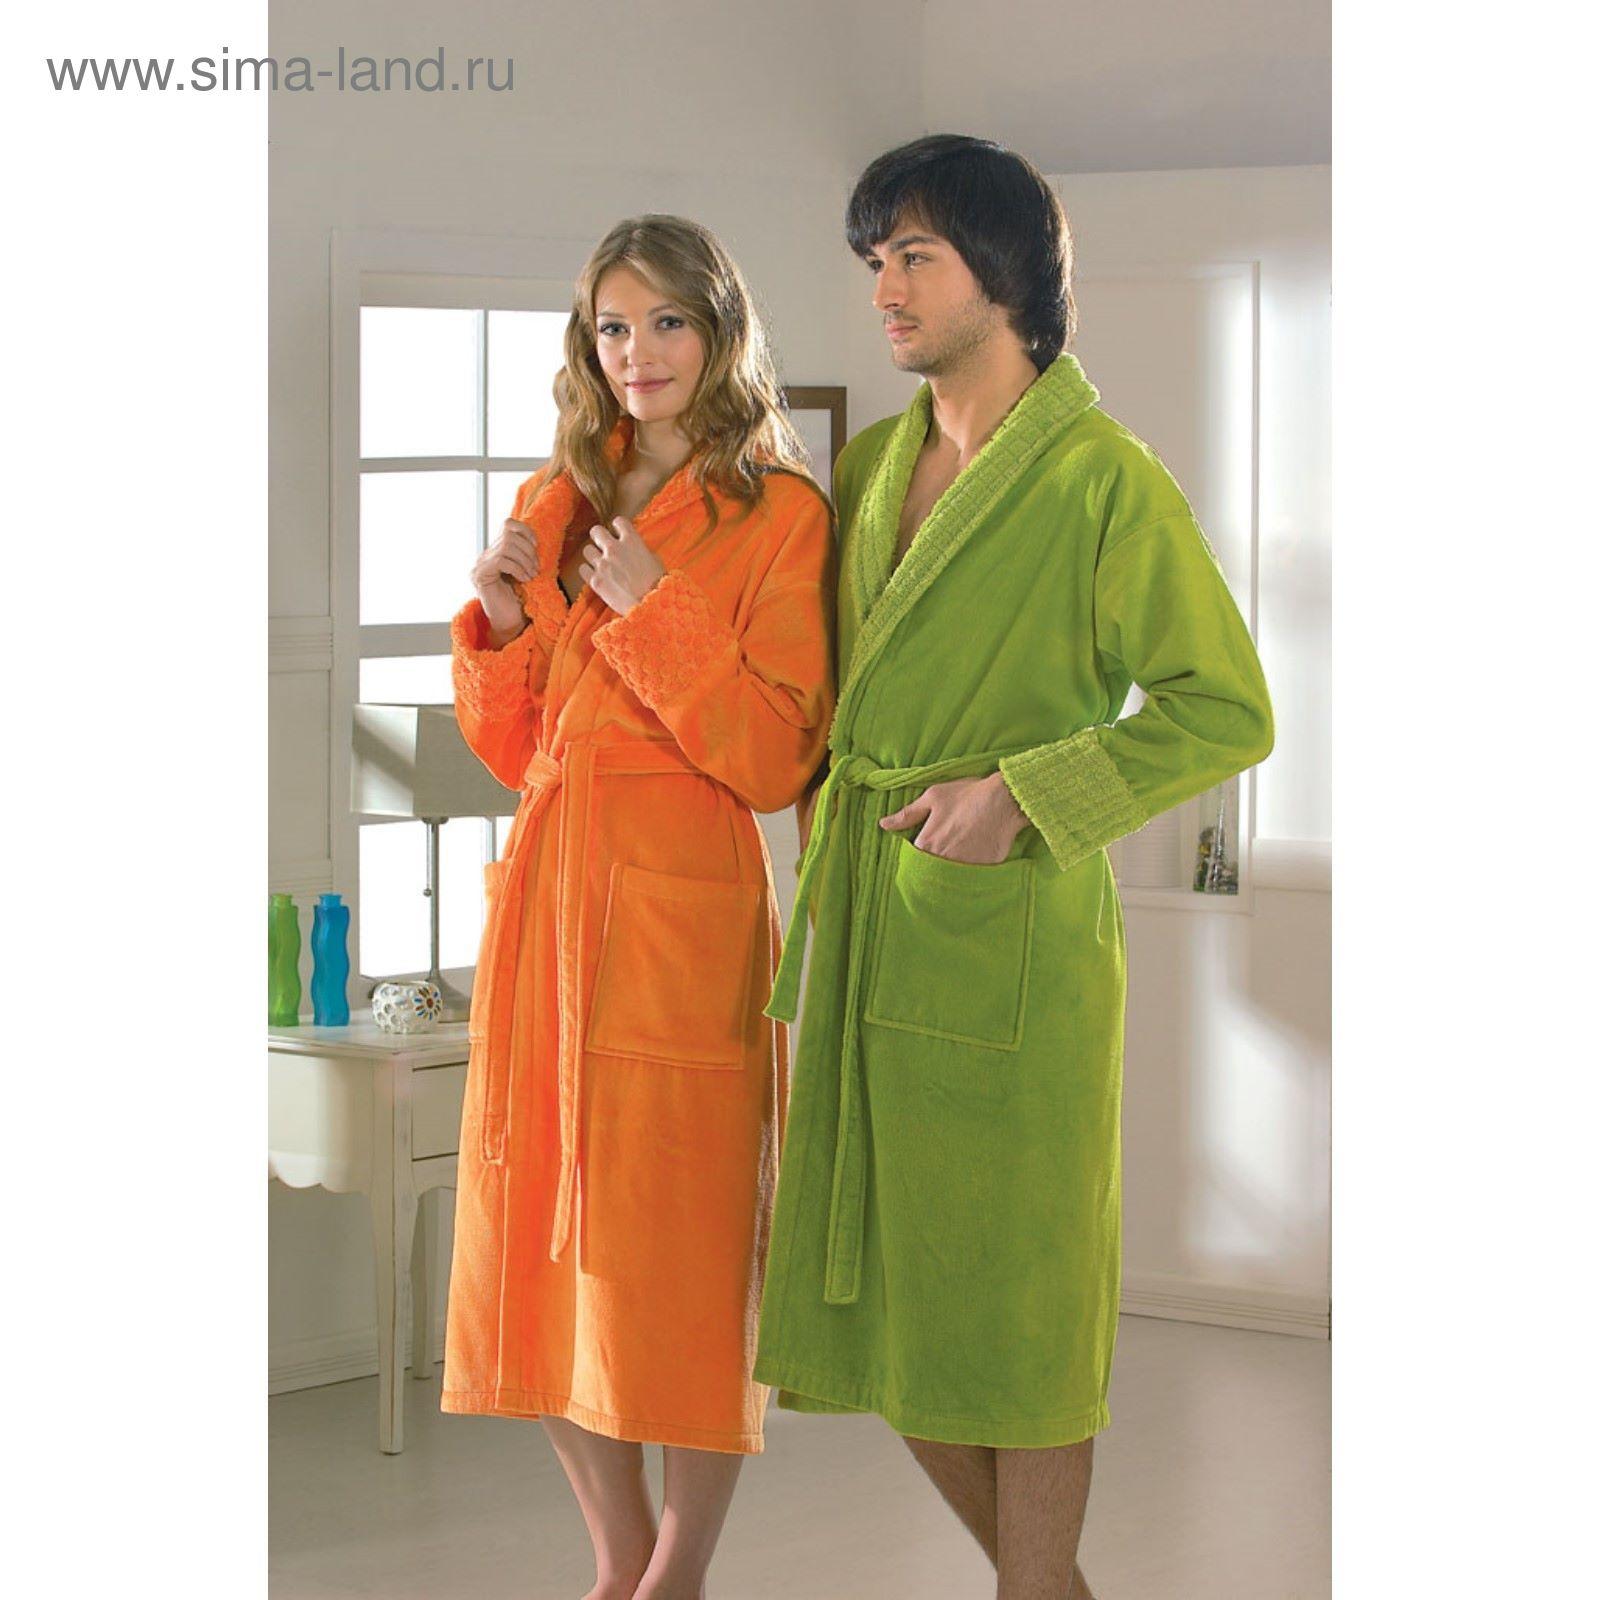 71e287cdd899e Махровый халат Angora, размер L, оранжевый (2643756) - Купить по ...